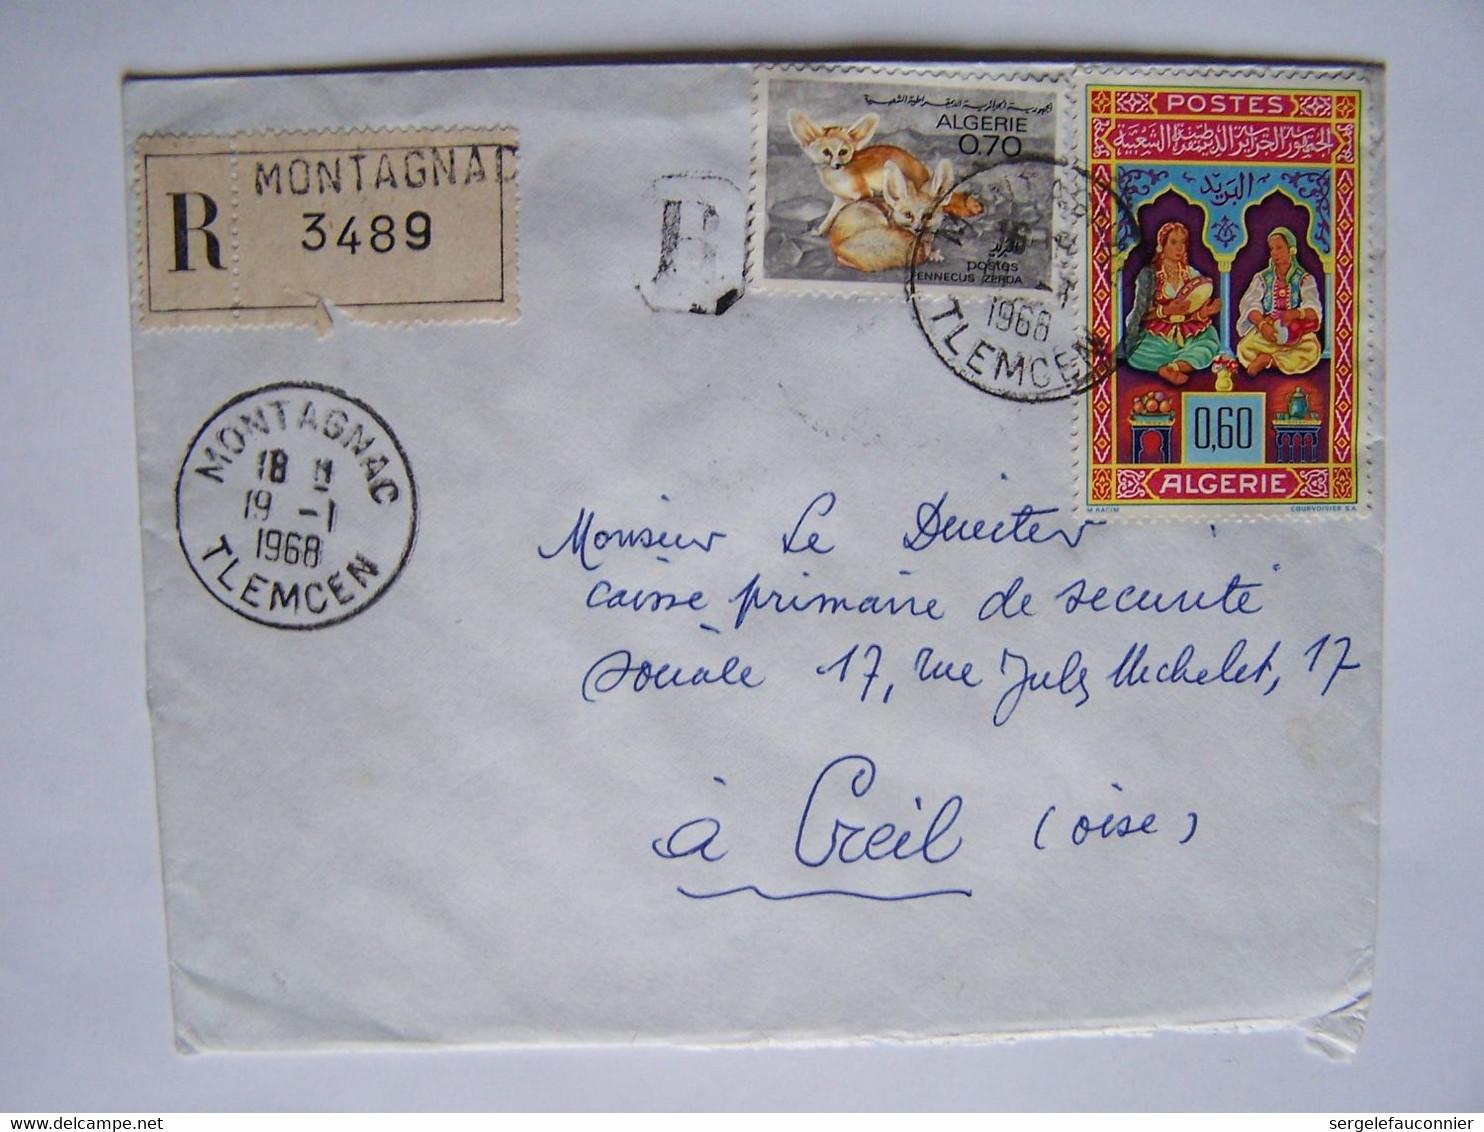 ALGERIE 19-1-1968 TLEMCEN Vers OISE Timbres Sur Enveloppe - Algeria (1962-...)